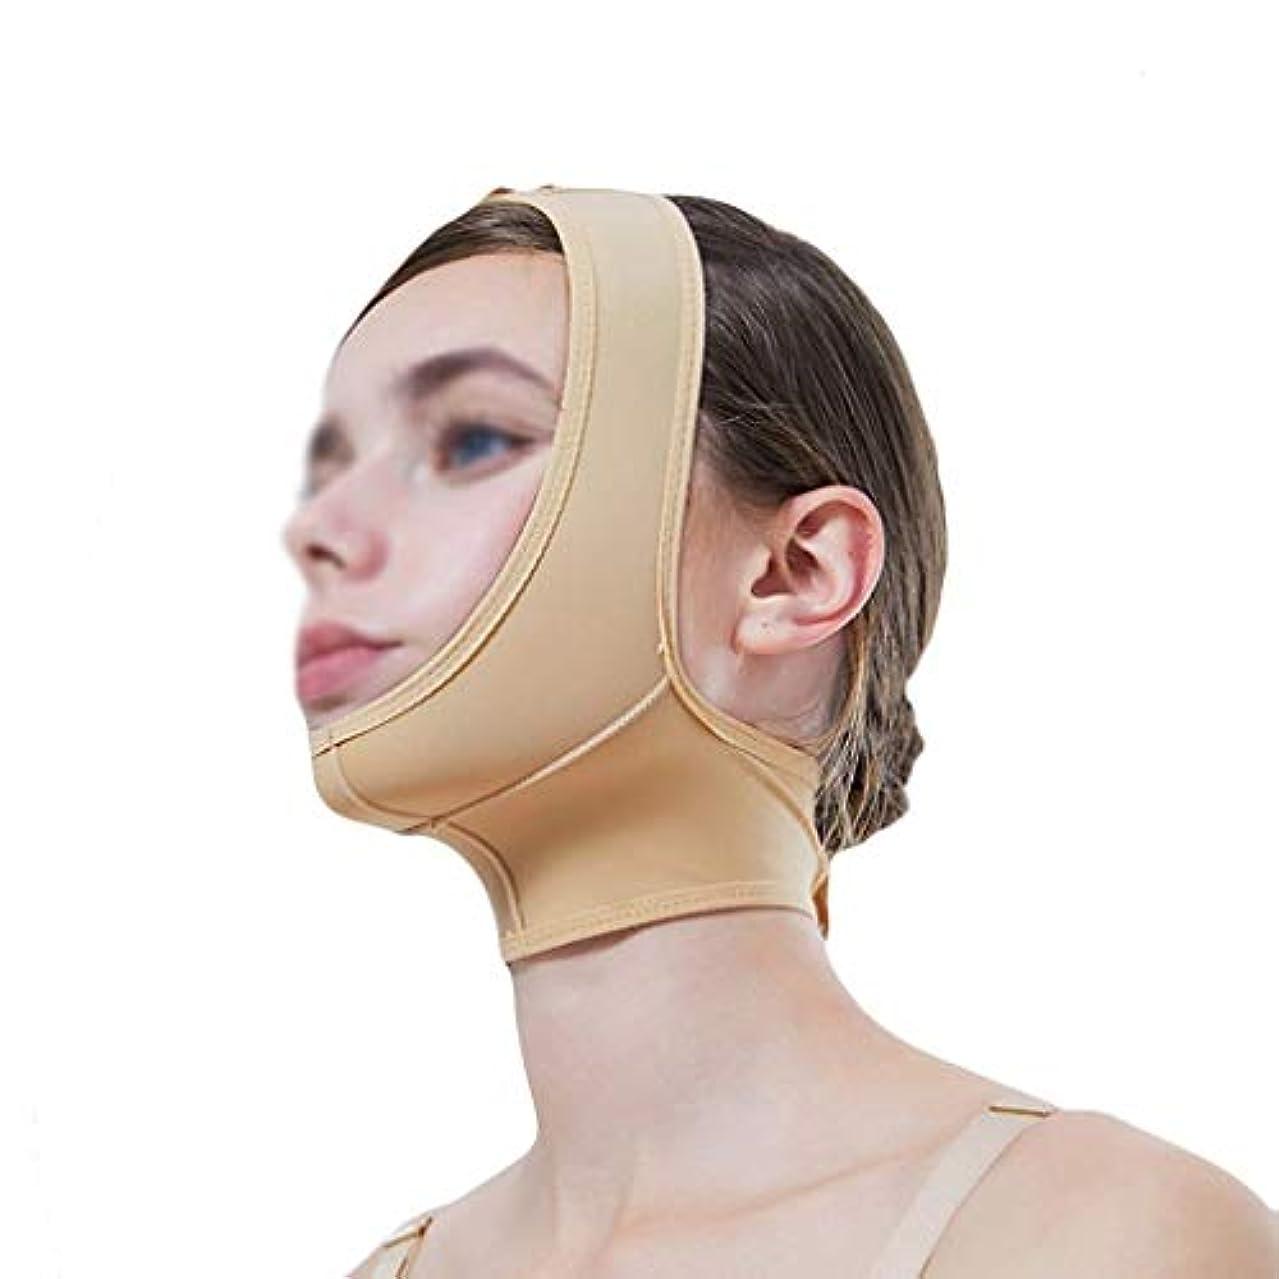 に負ける危険ヒップマスク、超薄型ベルト、フェイスリフティングに適し、フェイスリフティング、通気性包帯、あご取りベルト、超薄型ベルト、通気性(サイズ:XL),L